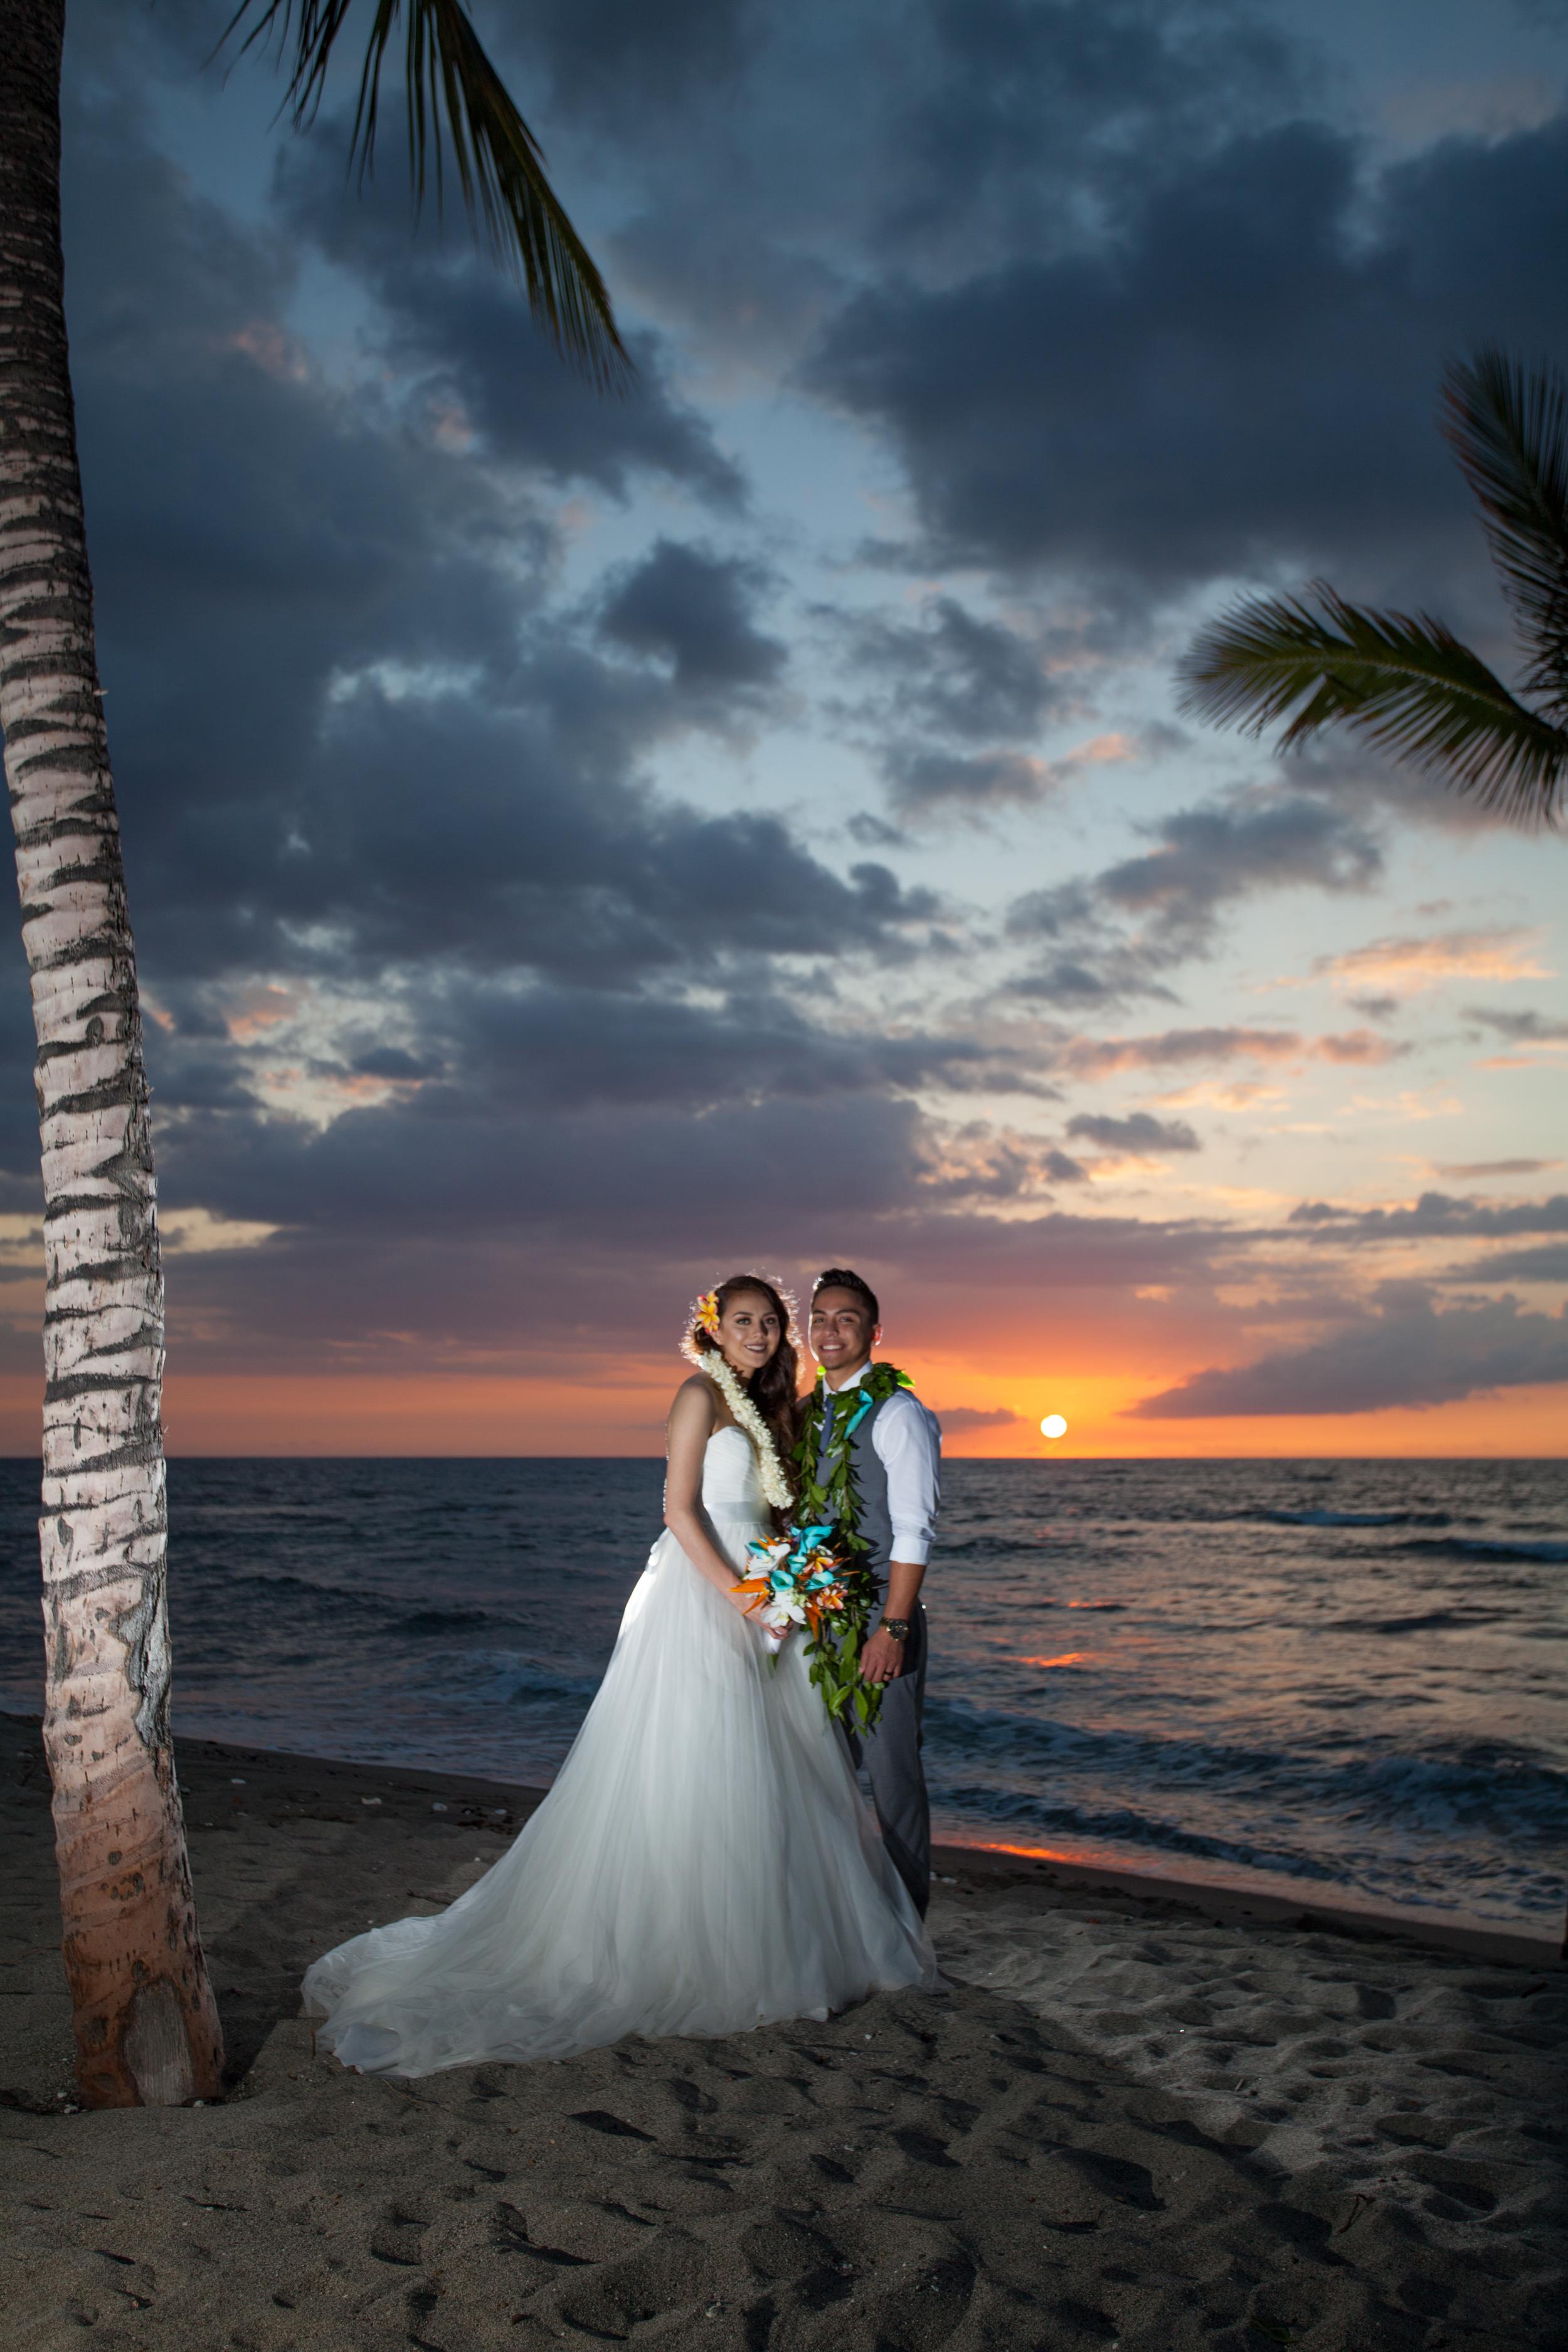 big island hawaii mauna lani resort wedding © kelilina photography 20160523185222-1.jpg